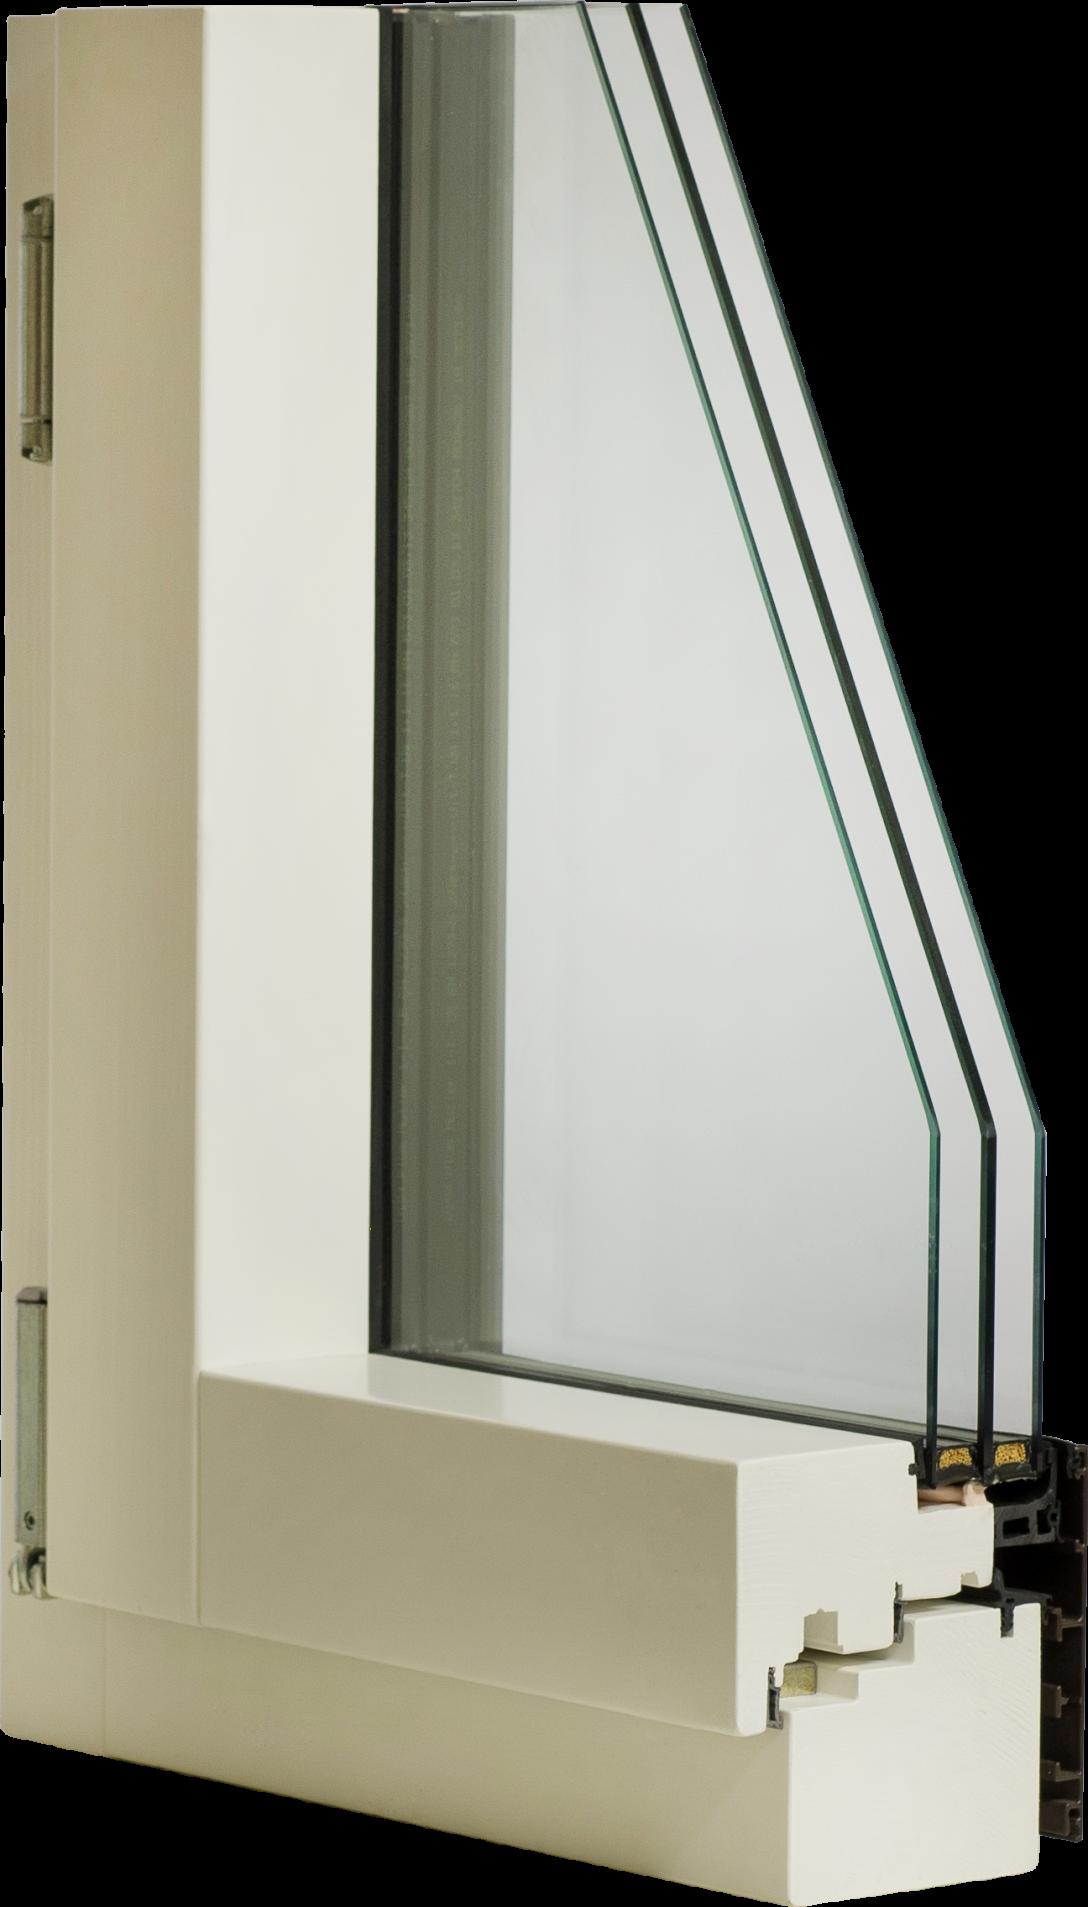 Large Size of Holz Alu Fenster Mit 3 Fach Verglasung Ohne Rahmen Einbruchschutz Folie Dachschräge Sichtschutzfolie Einseitig Durchsichtig Rc3 Teleskopstange Kbe Auto Fenster Alu Fenster